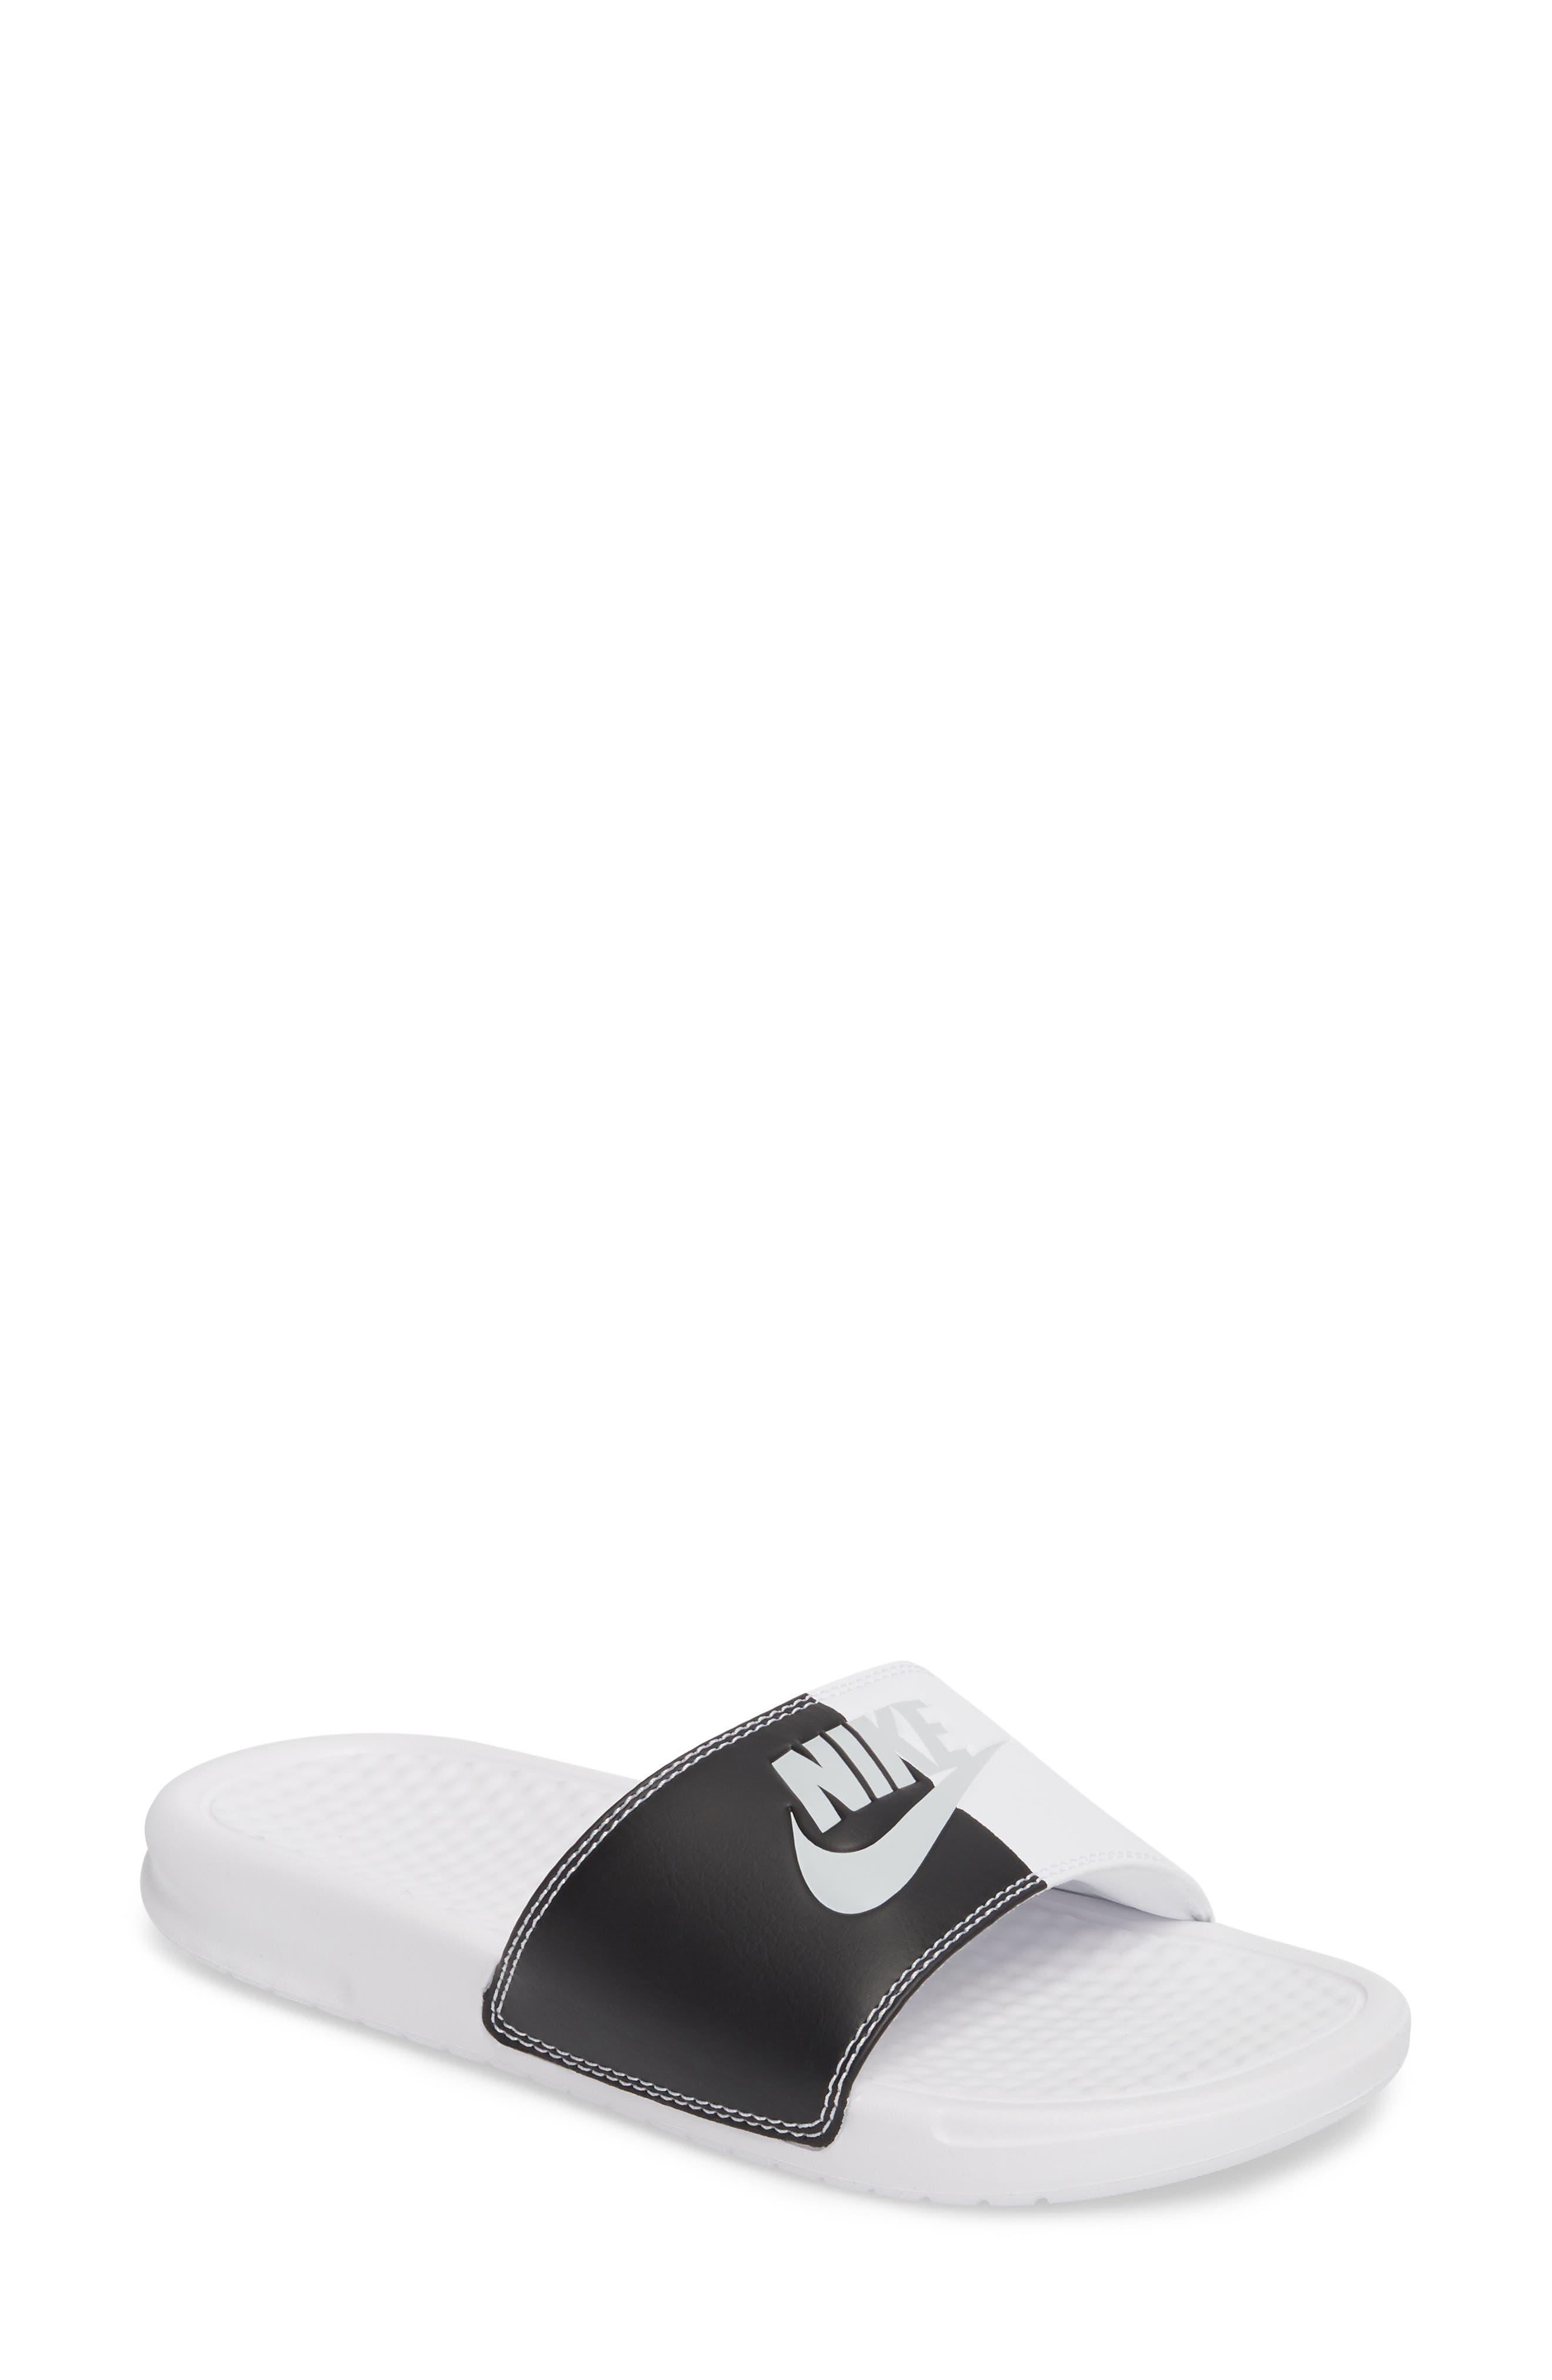 Benassi JDI Slide Sandal,                             Main thumbnail 1, color,                             White/ Pure Platinum